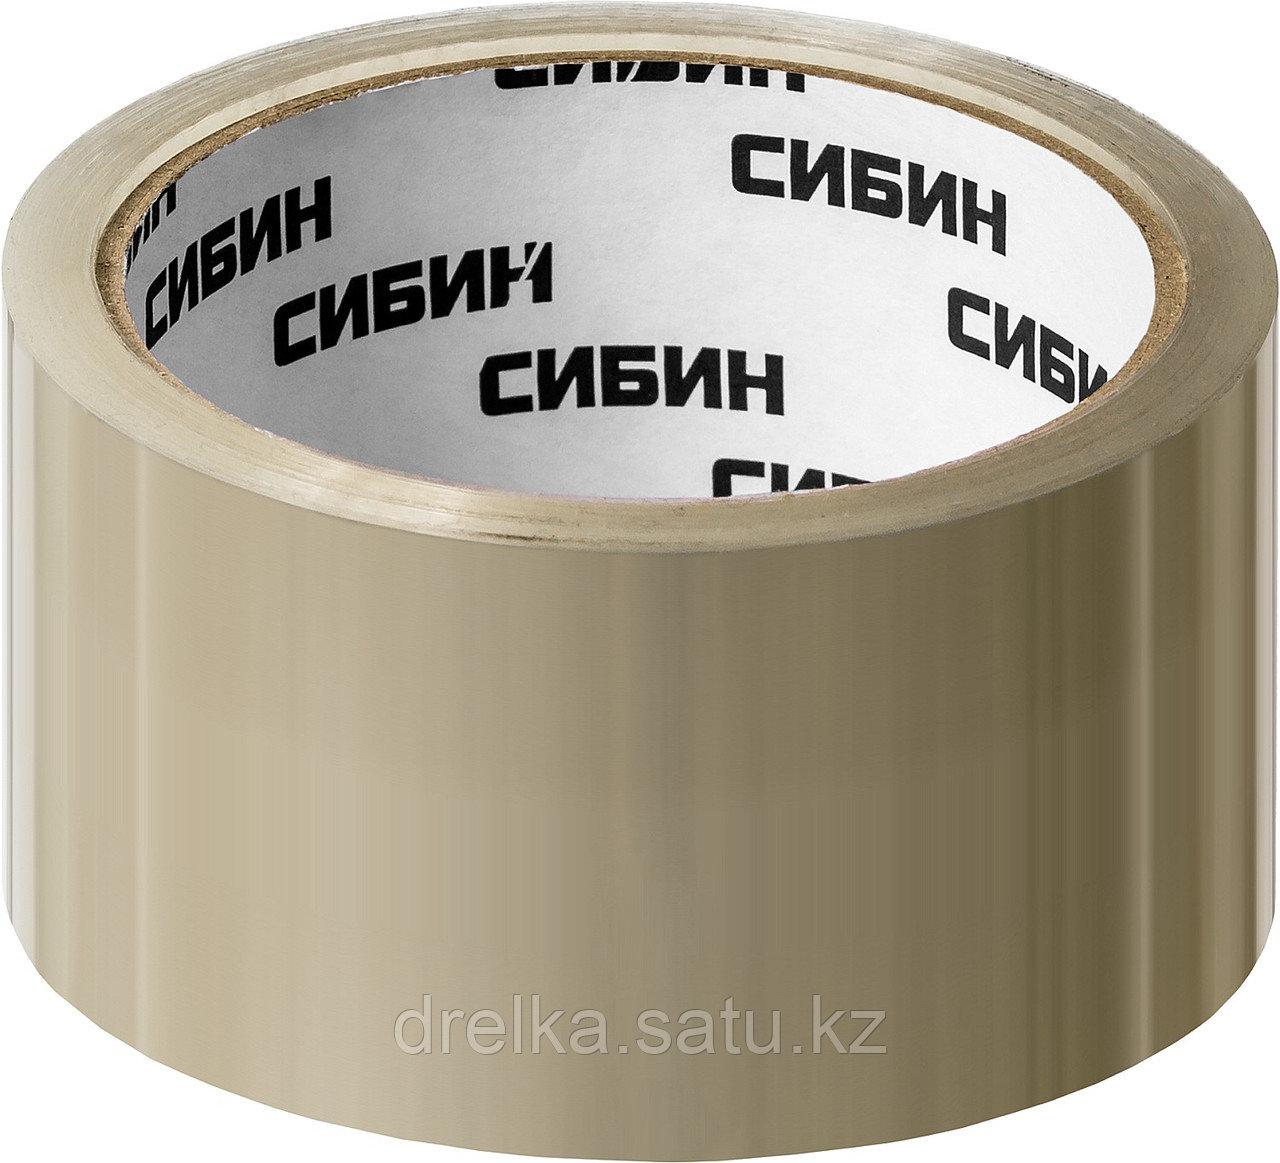 Клейкая лента, СИБИН 12055-50-50, прозрачная, 48мм х 50м